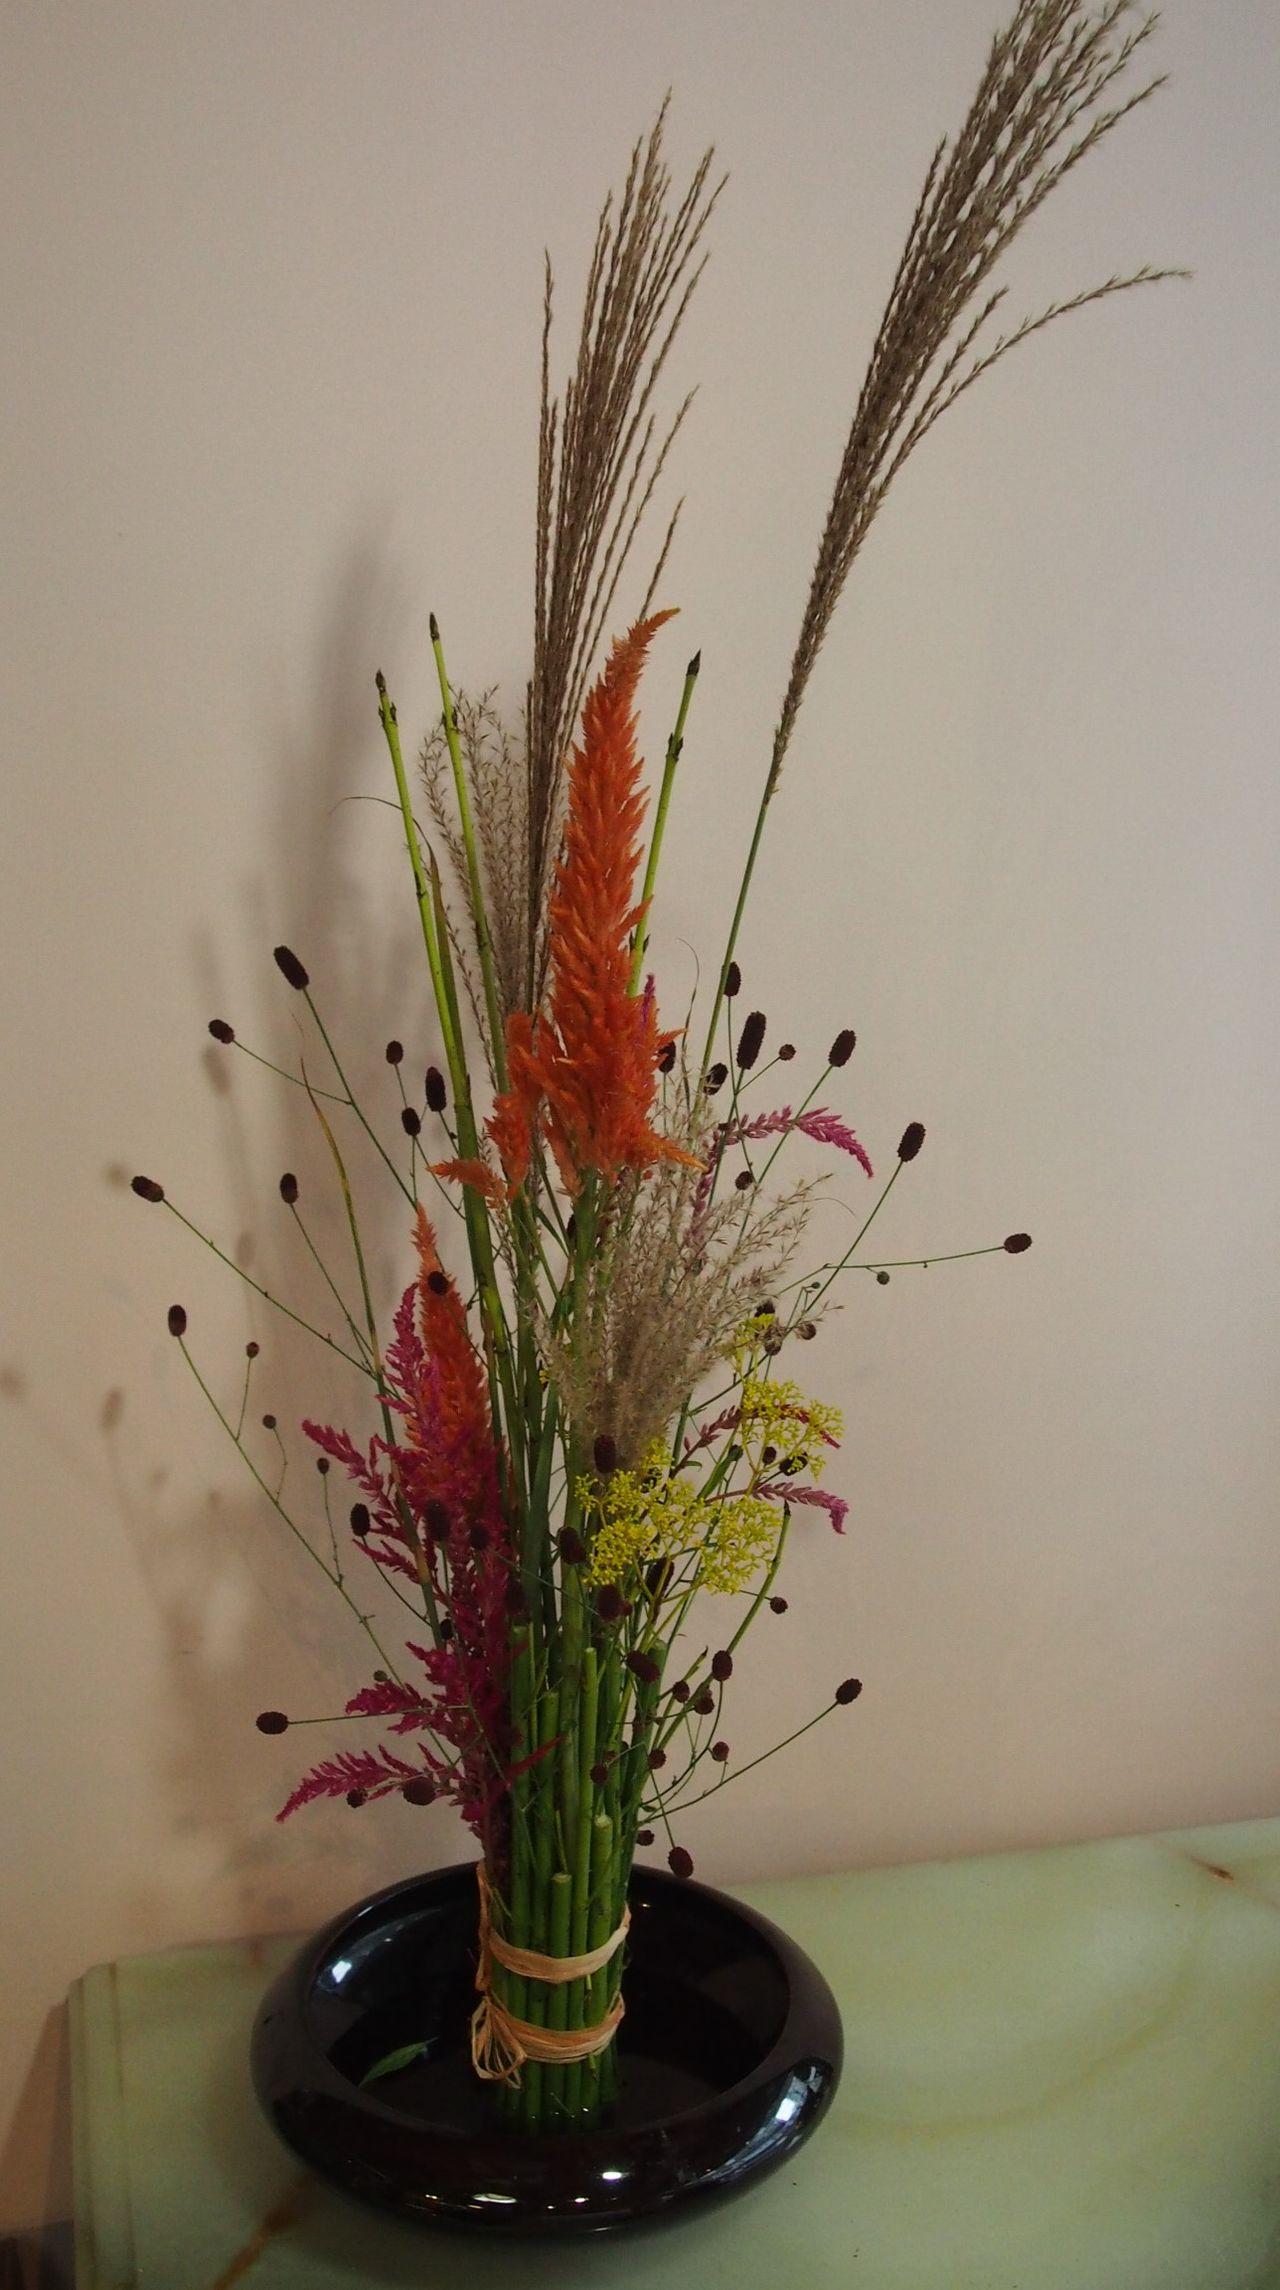 花ギフト フラワーギフト 誕生日 花 カノシェ話題 スタンド花 ウエディングブーケ 花束 花屋 kokubosan